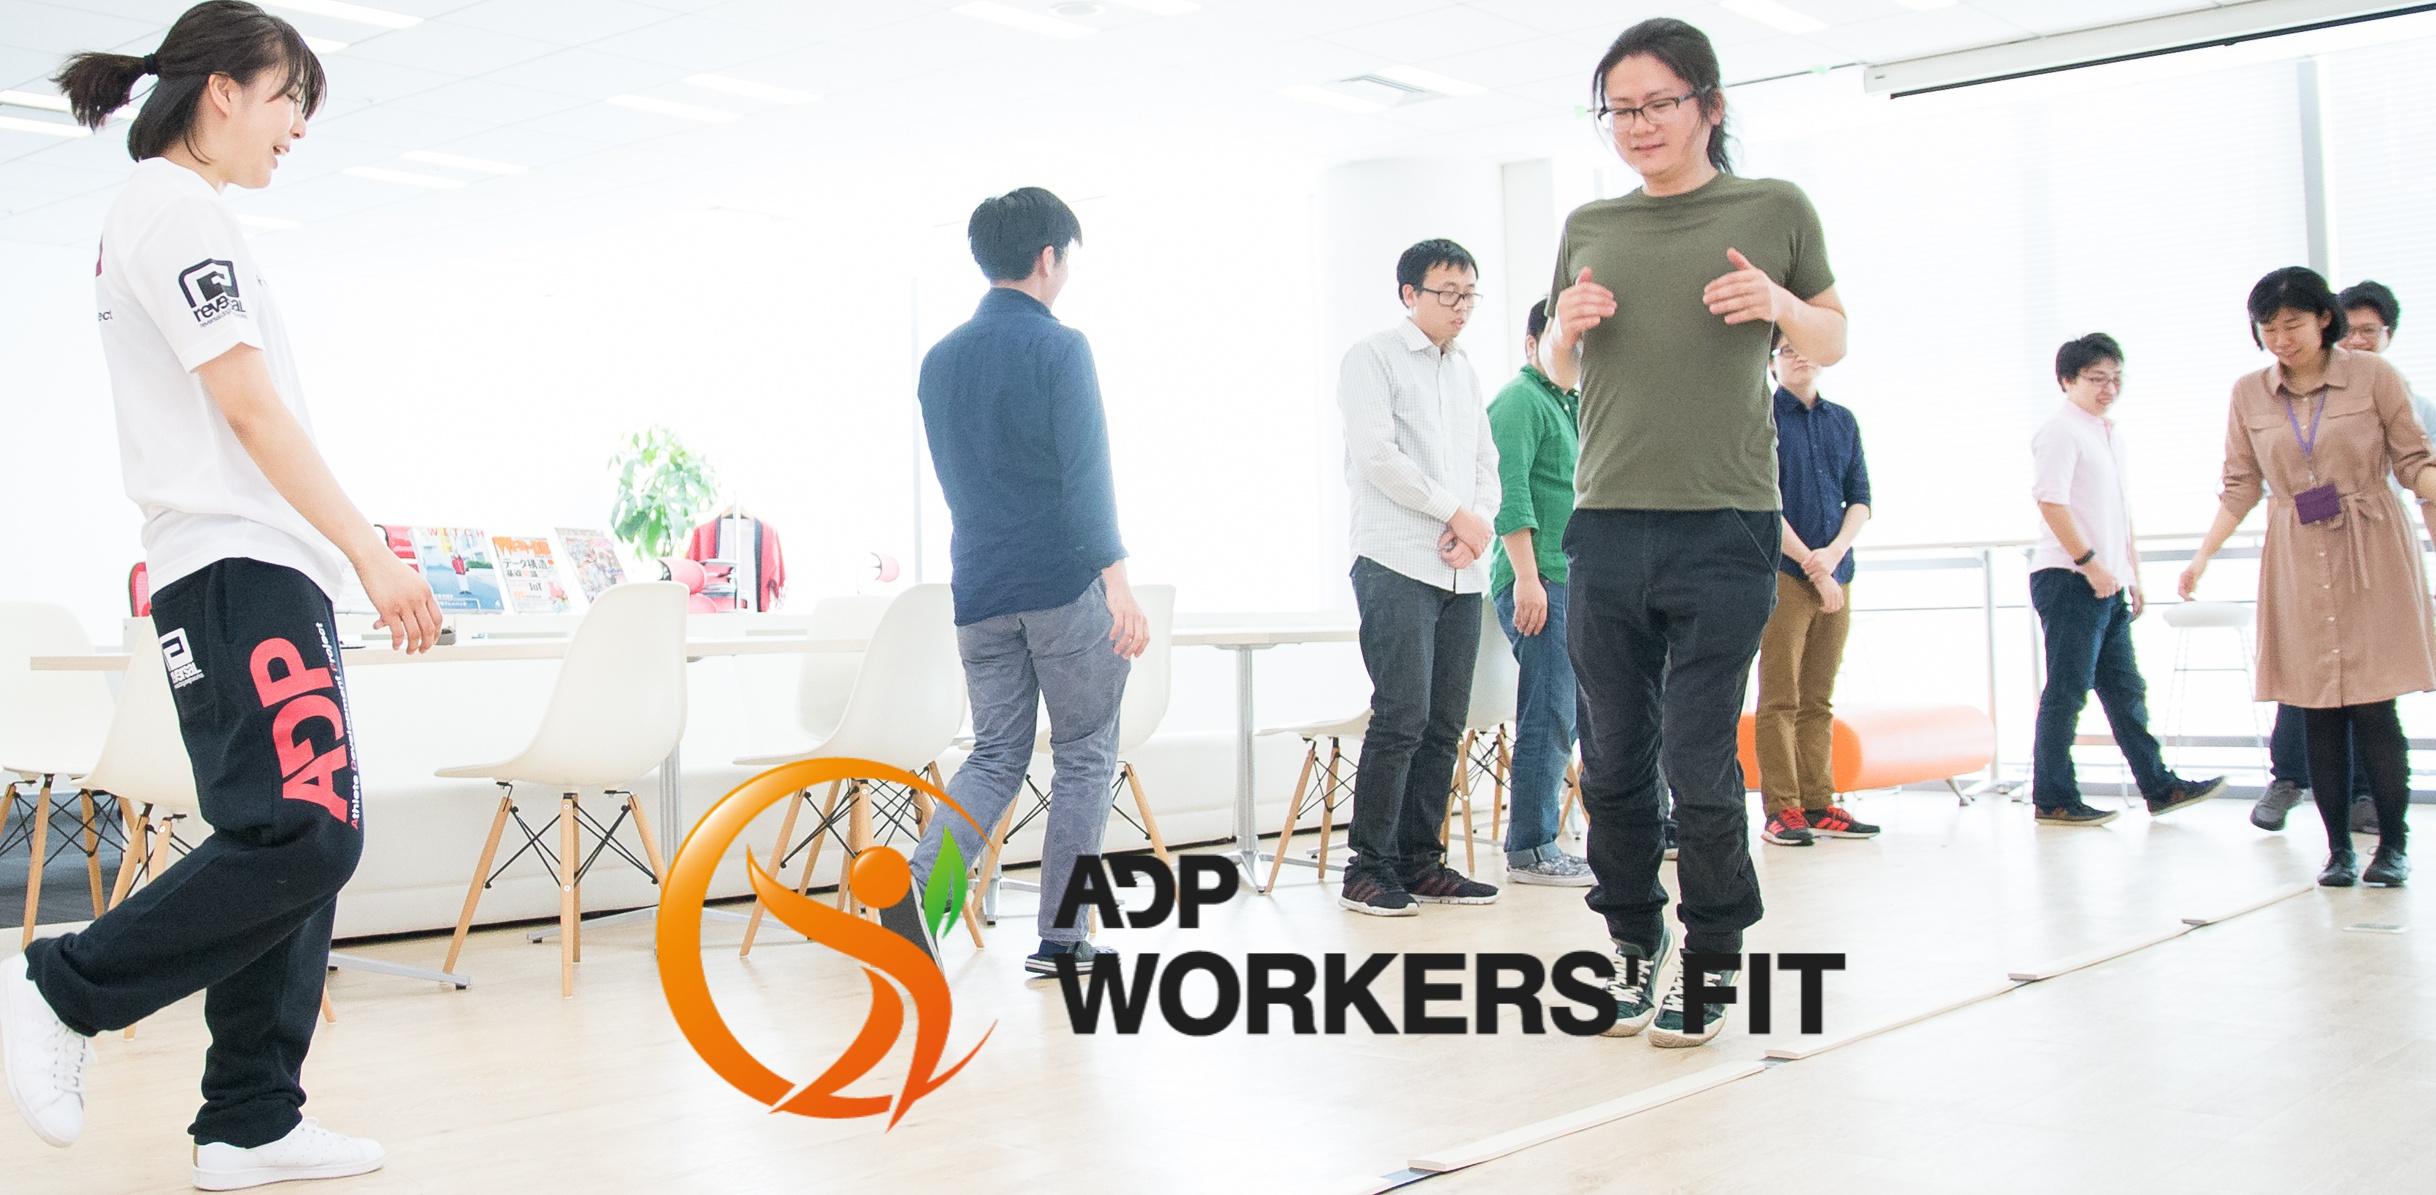 社員の健康のために運動を